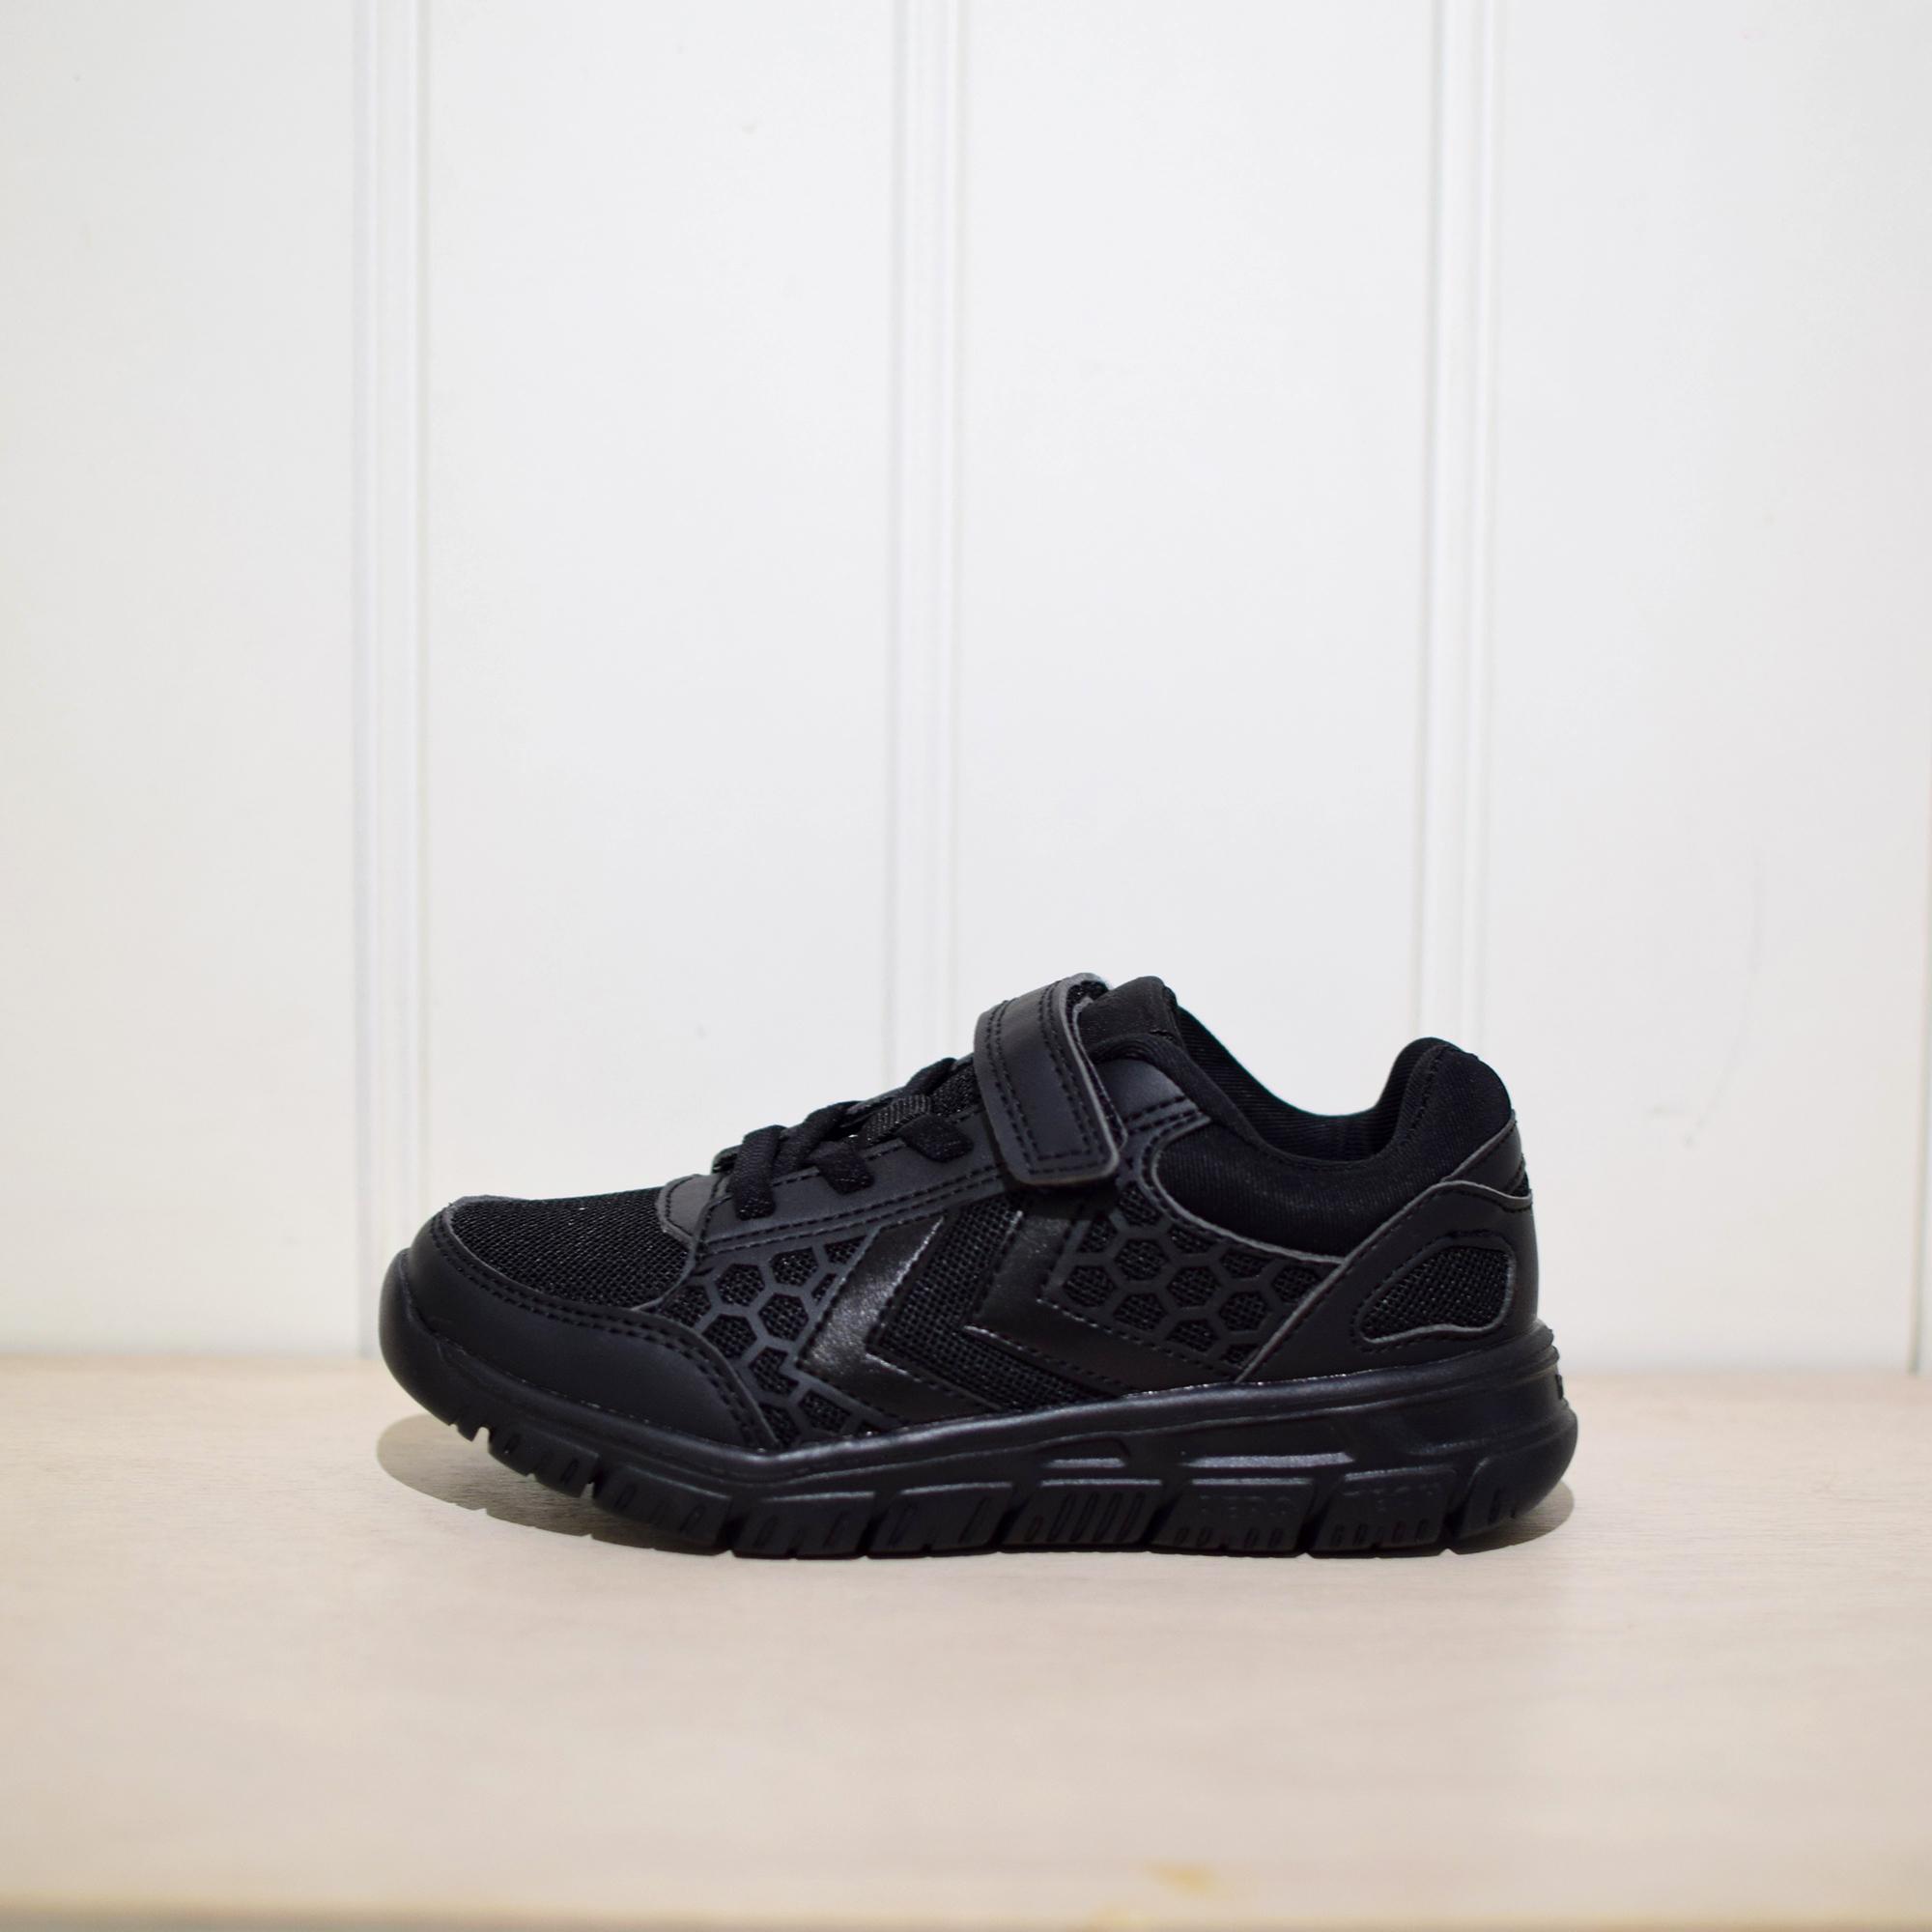 Hummel Crosslite School Sports Shoe